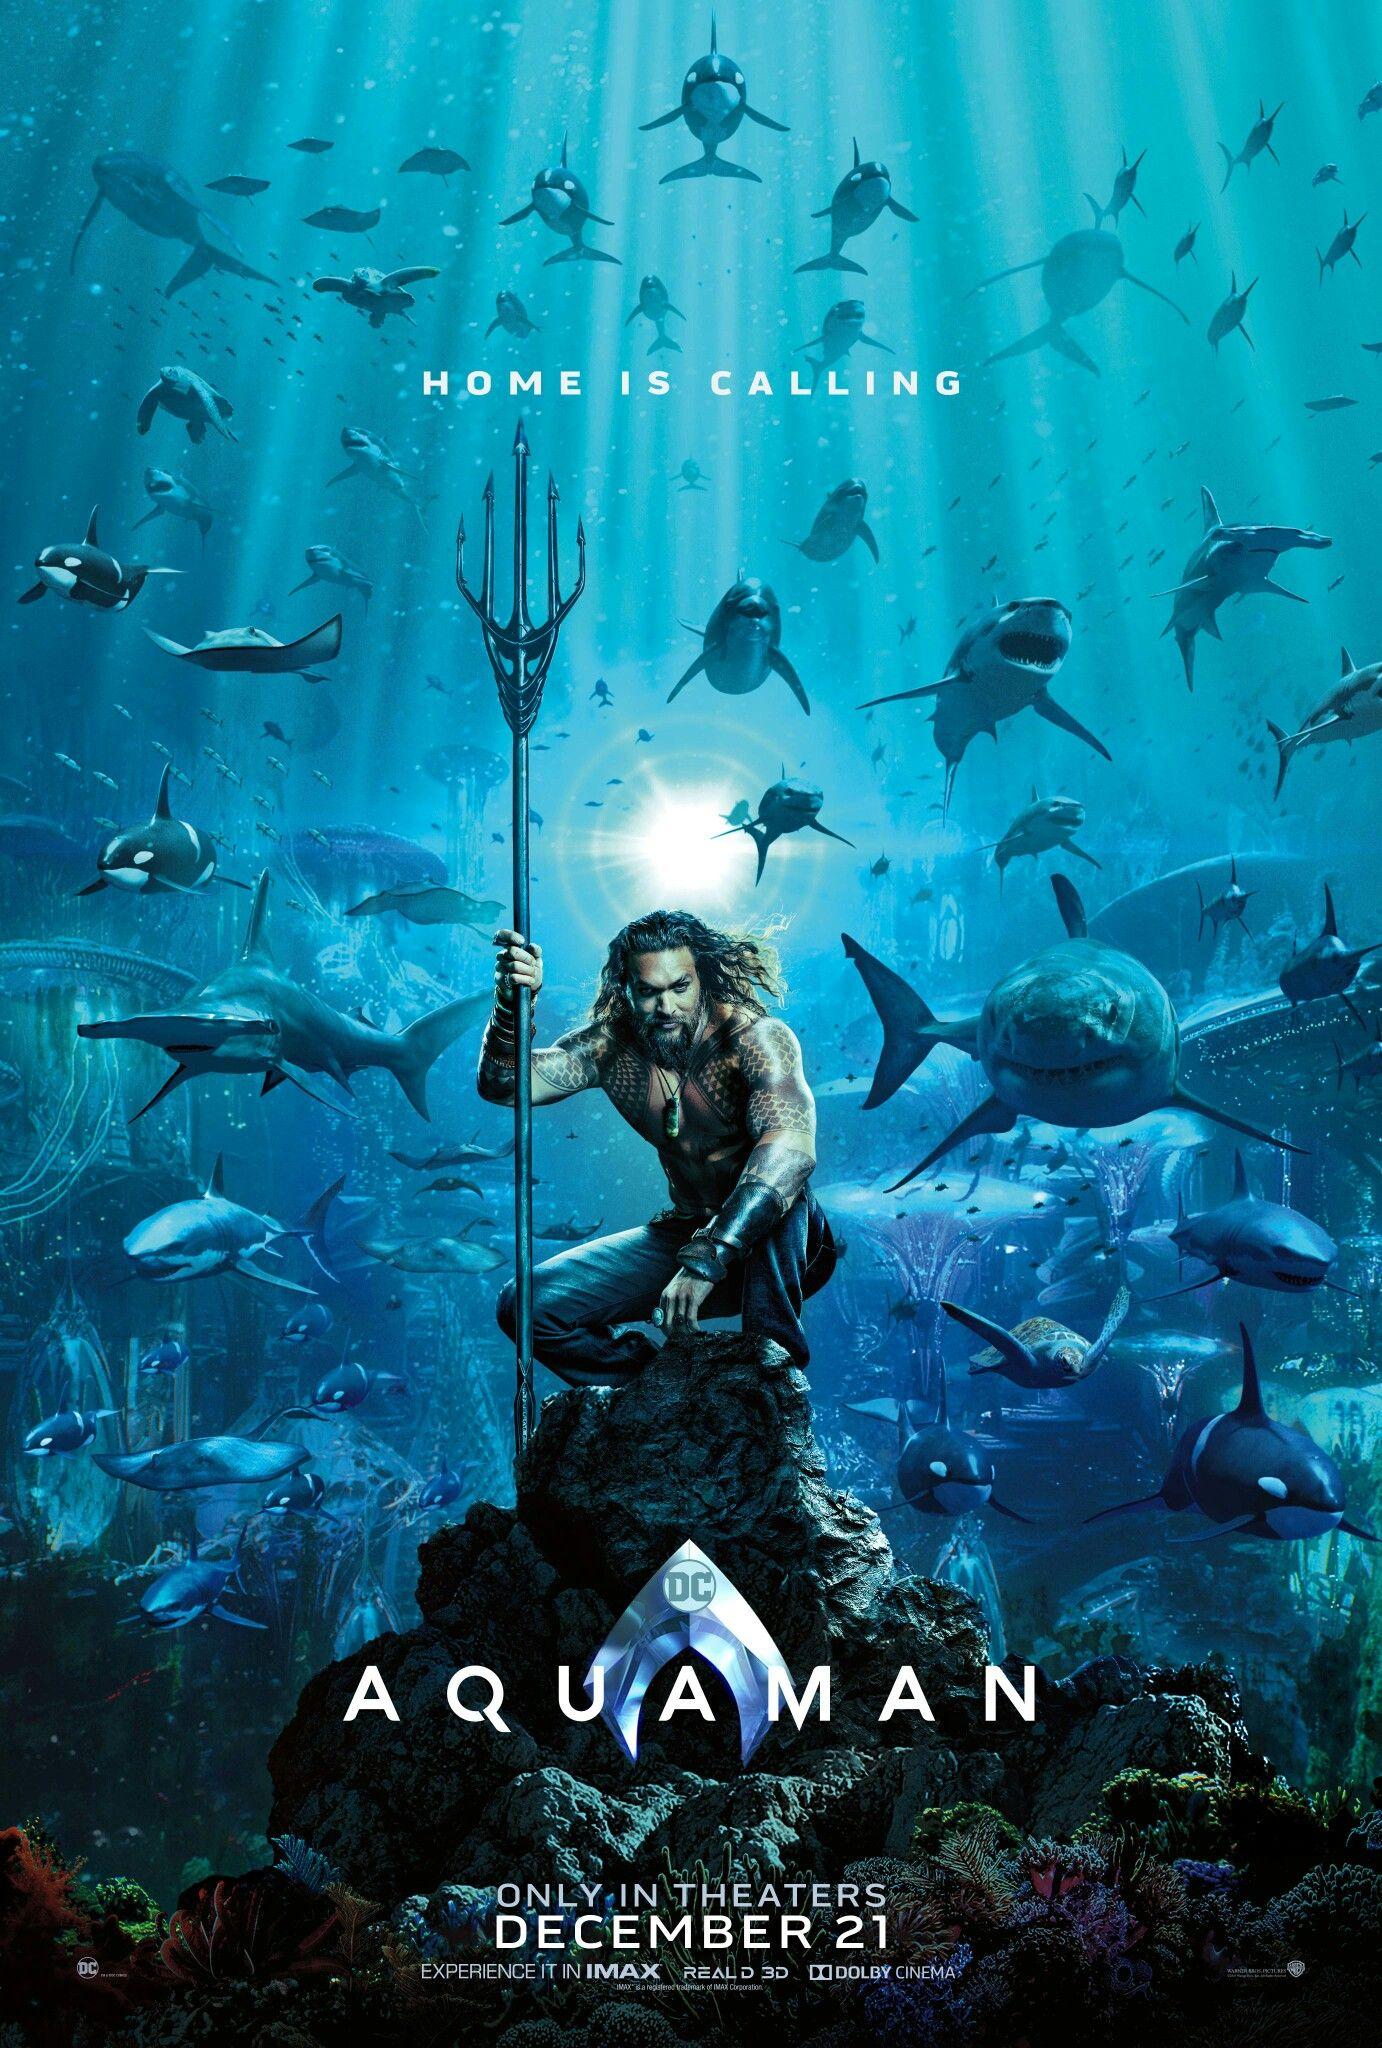 Aqua Man 2018 With Images Aquaman Film Aquaman 2018 Aquaman